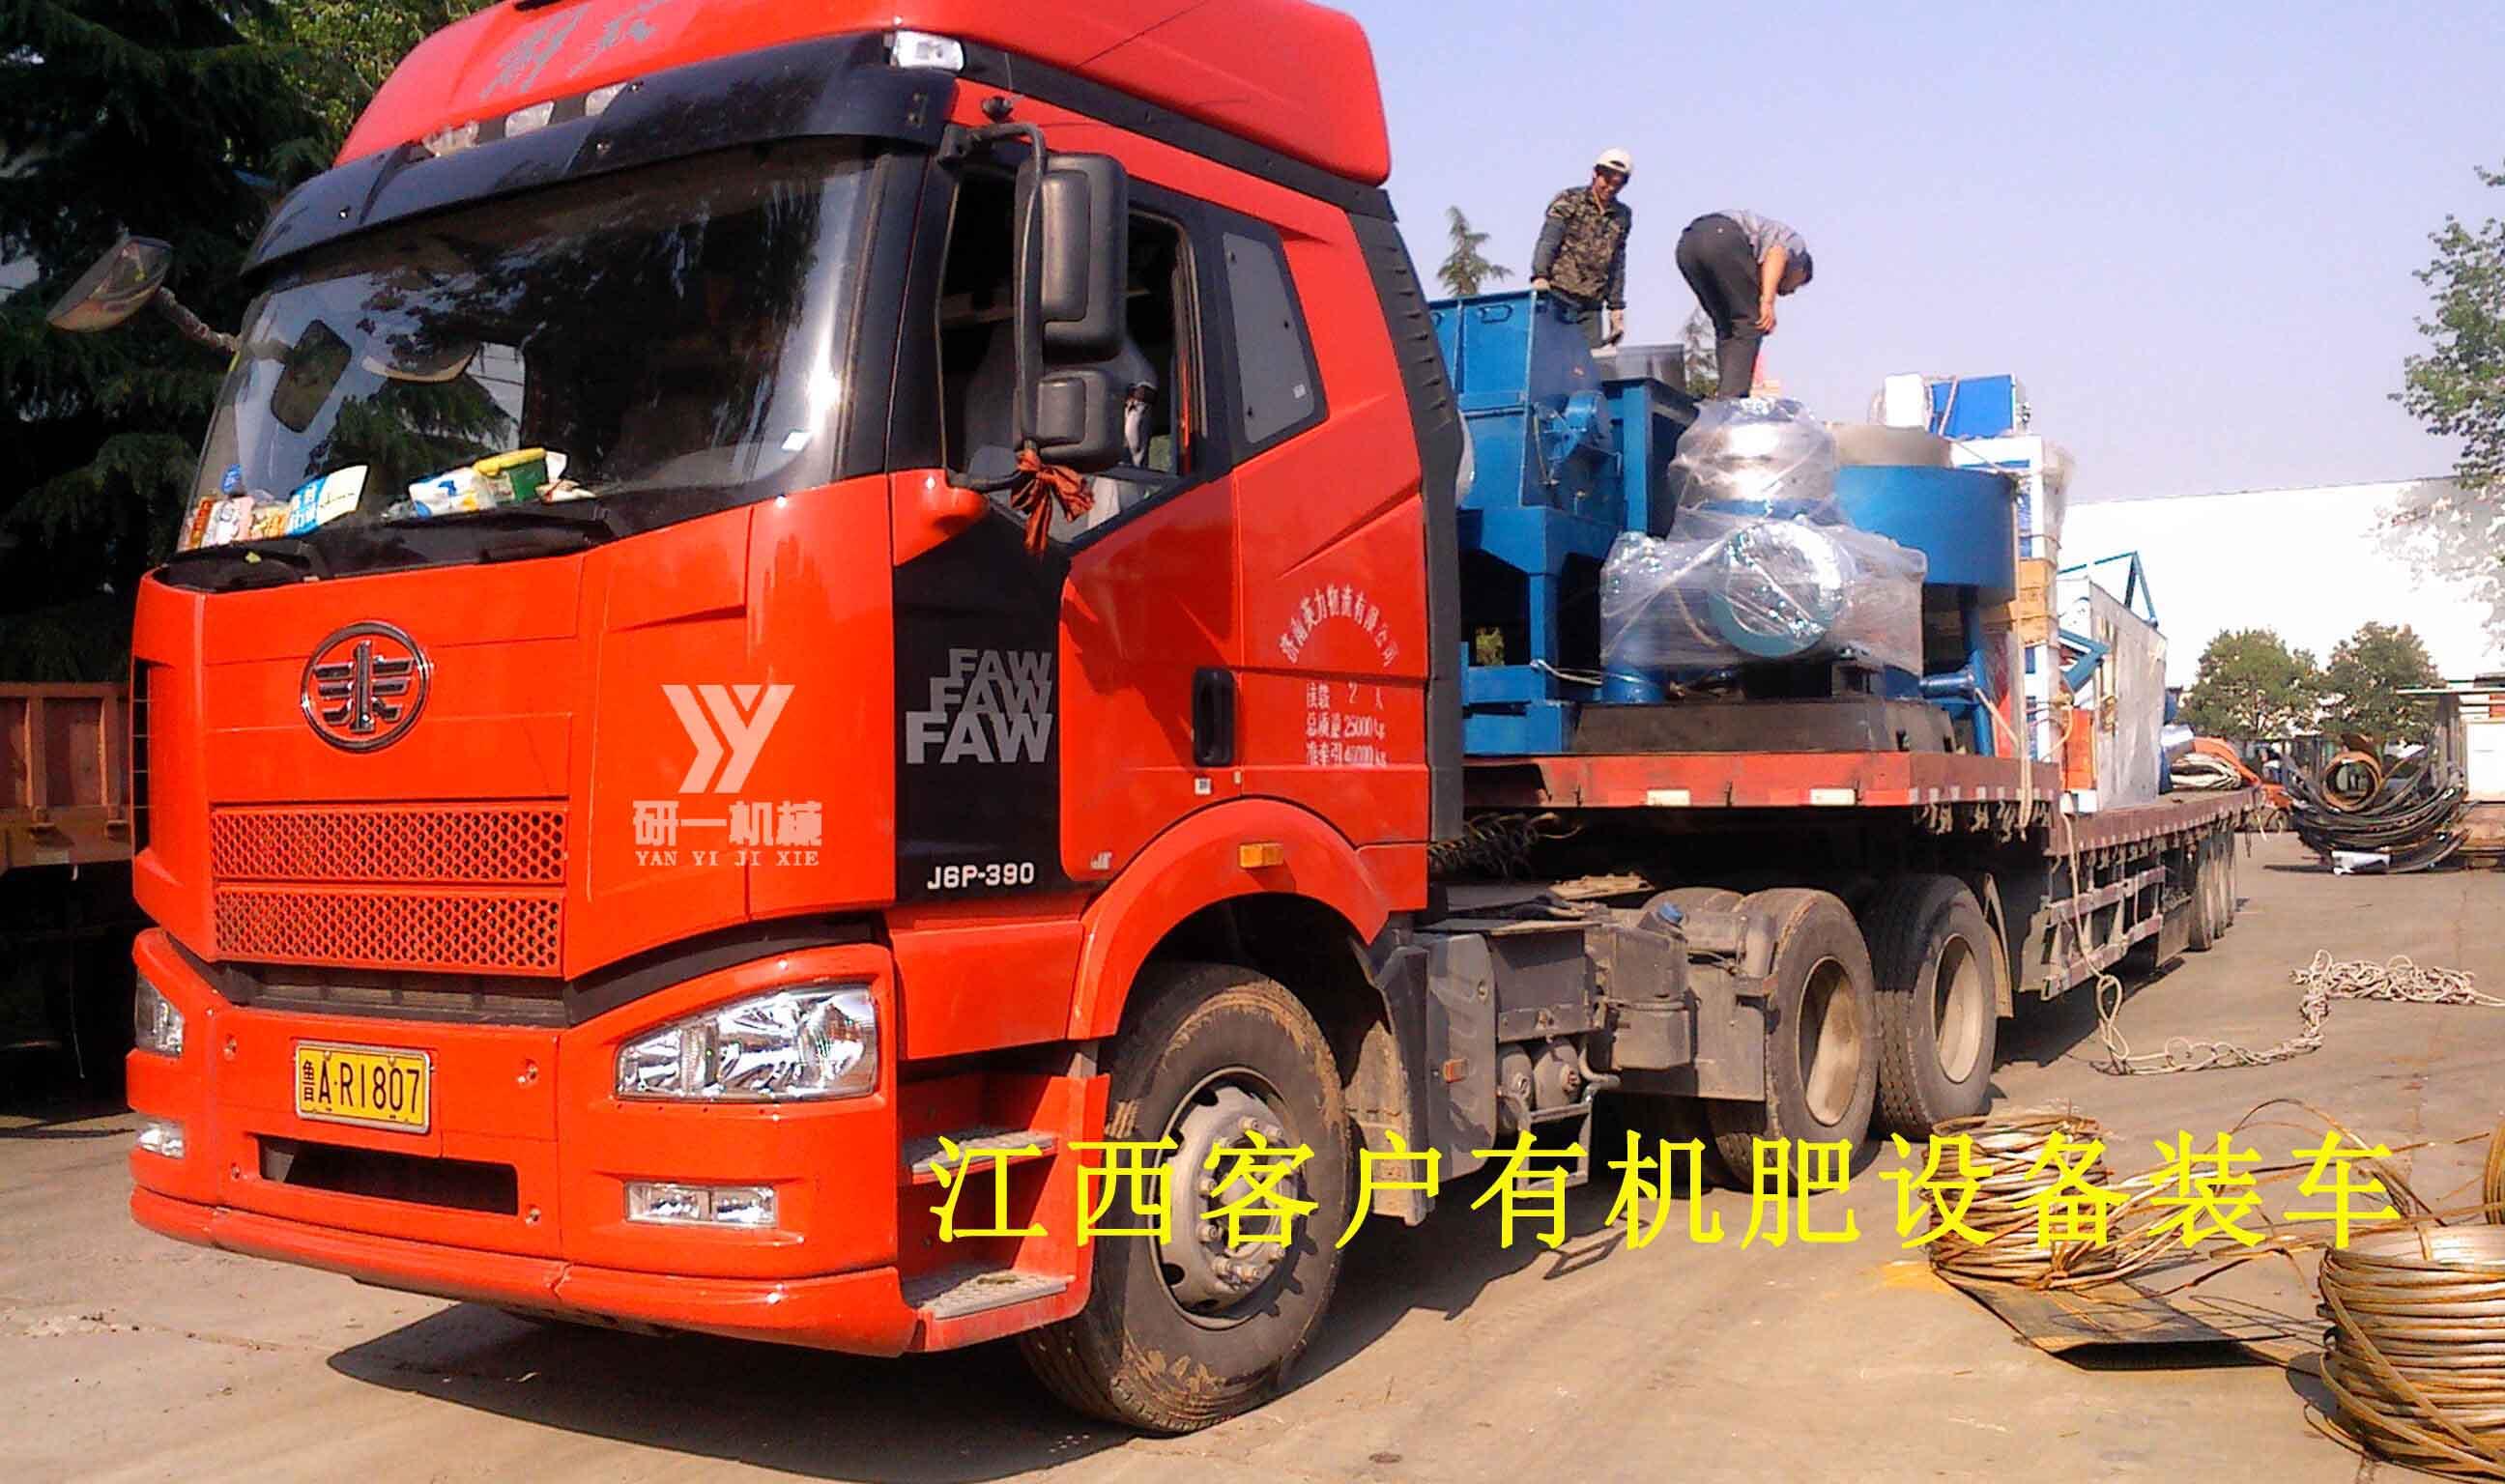 江西客户gou买的有机肥生产线成套设备发货,牲畜的粪便是ding尖的有机肥